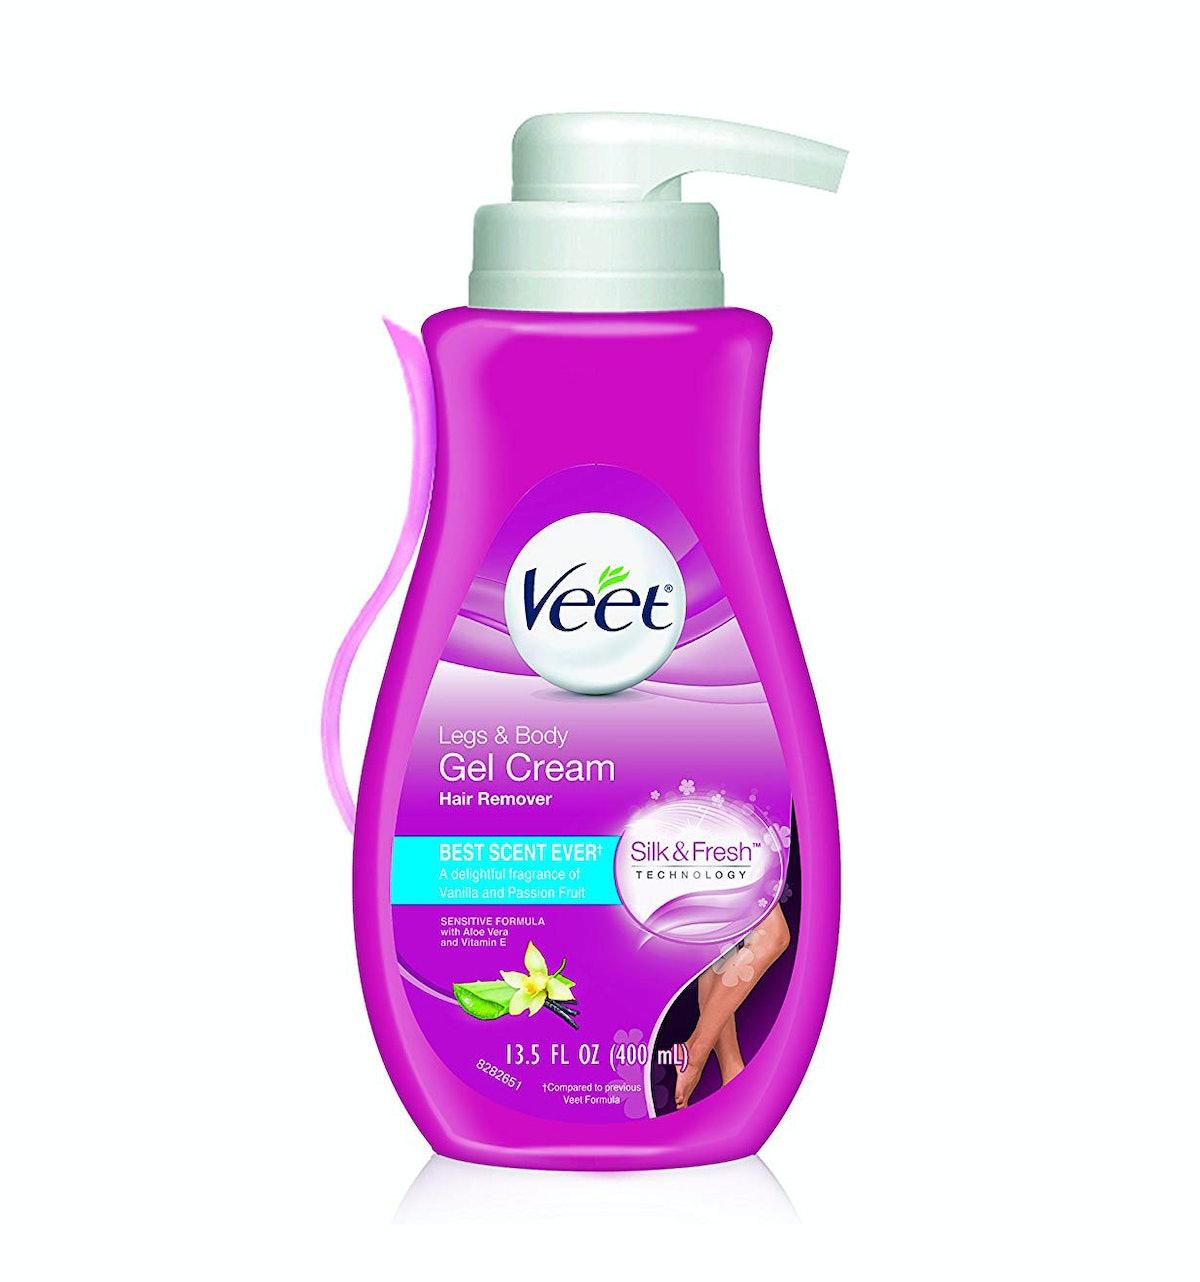 Veet Leg & Body Gel Hair Removal Cream (2-Pack)